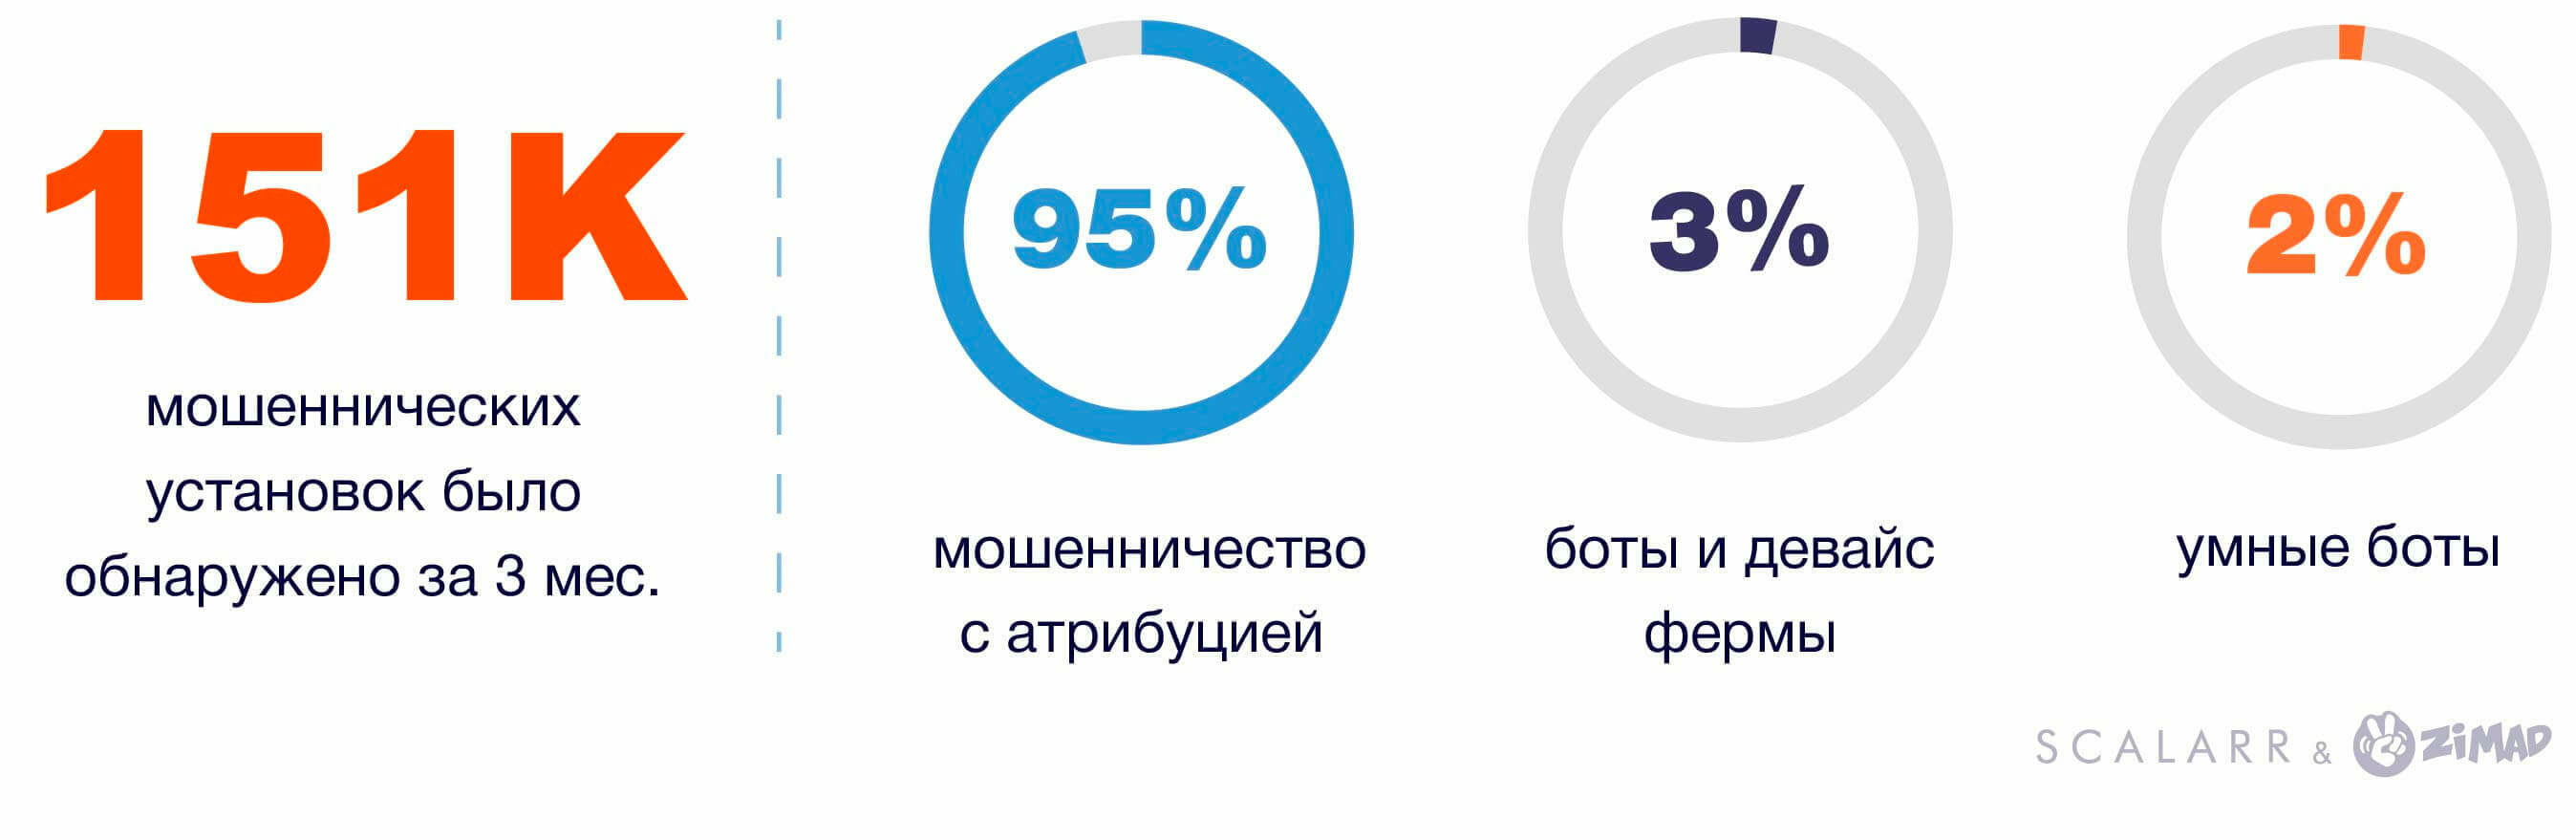 данные результатов